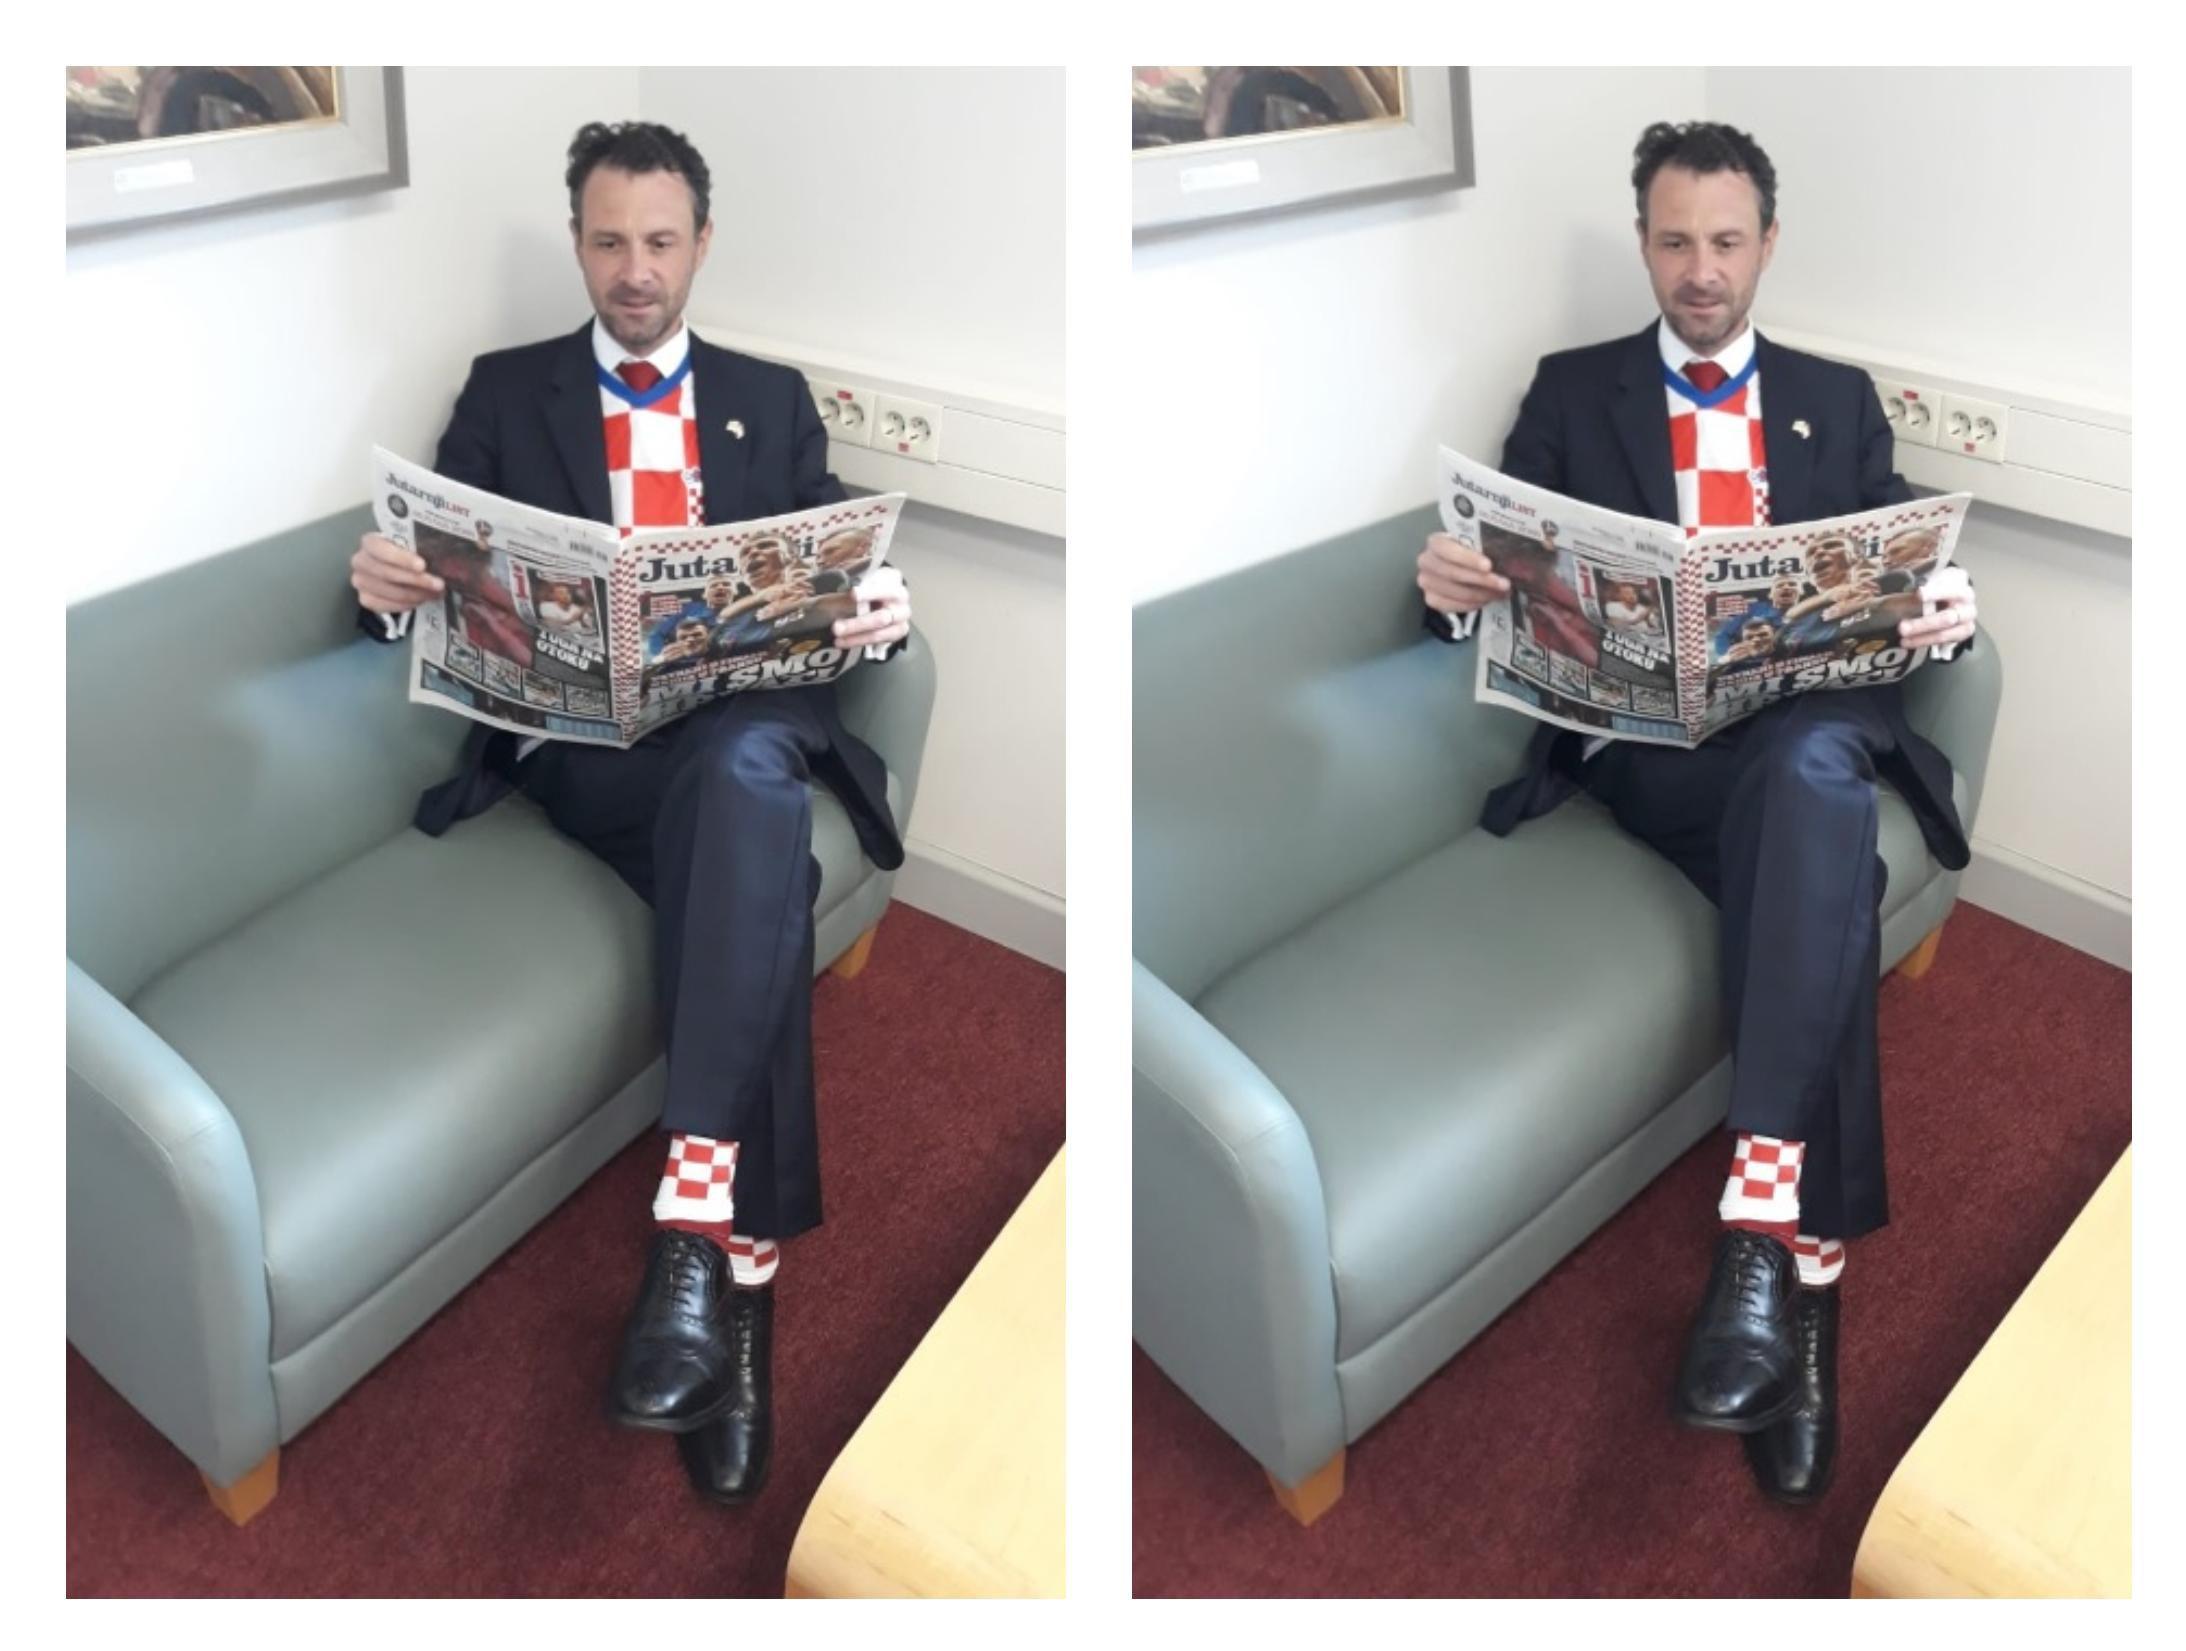 Jeste vidjeli britanskog veleposlanika? On cijeli dan mora provesti u - kockicama!